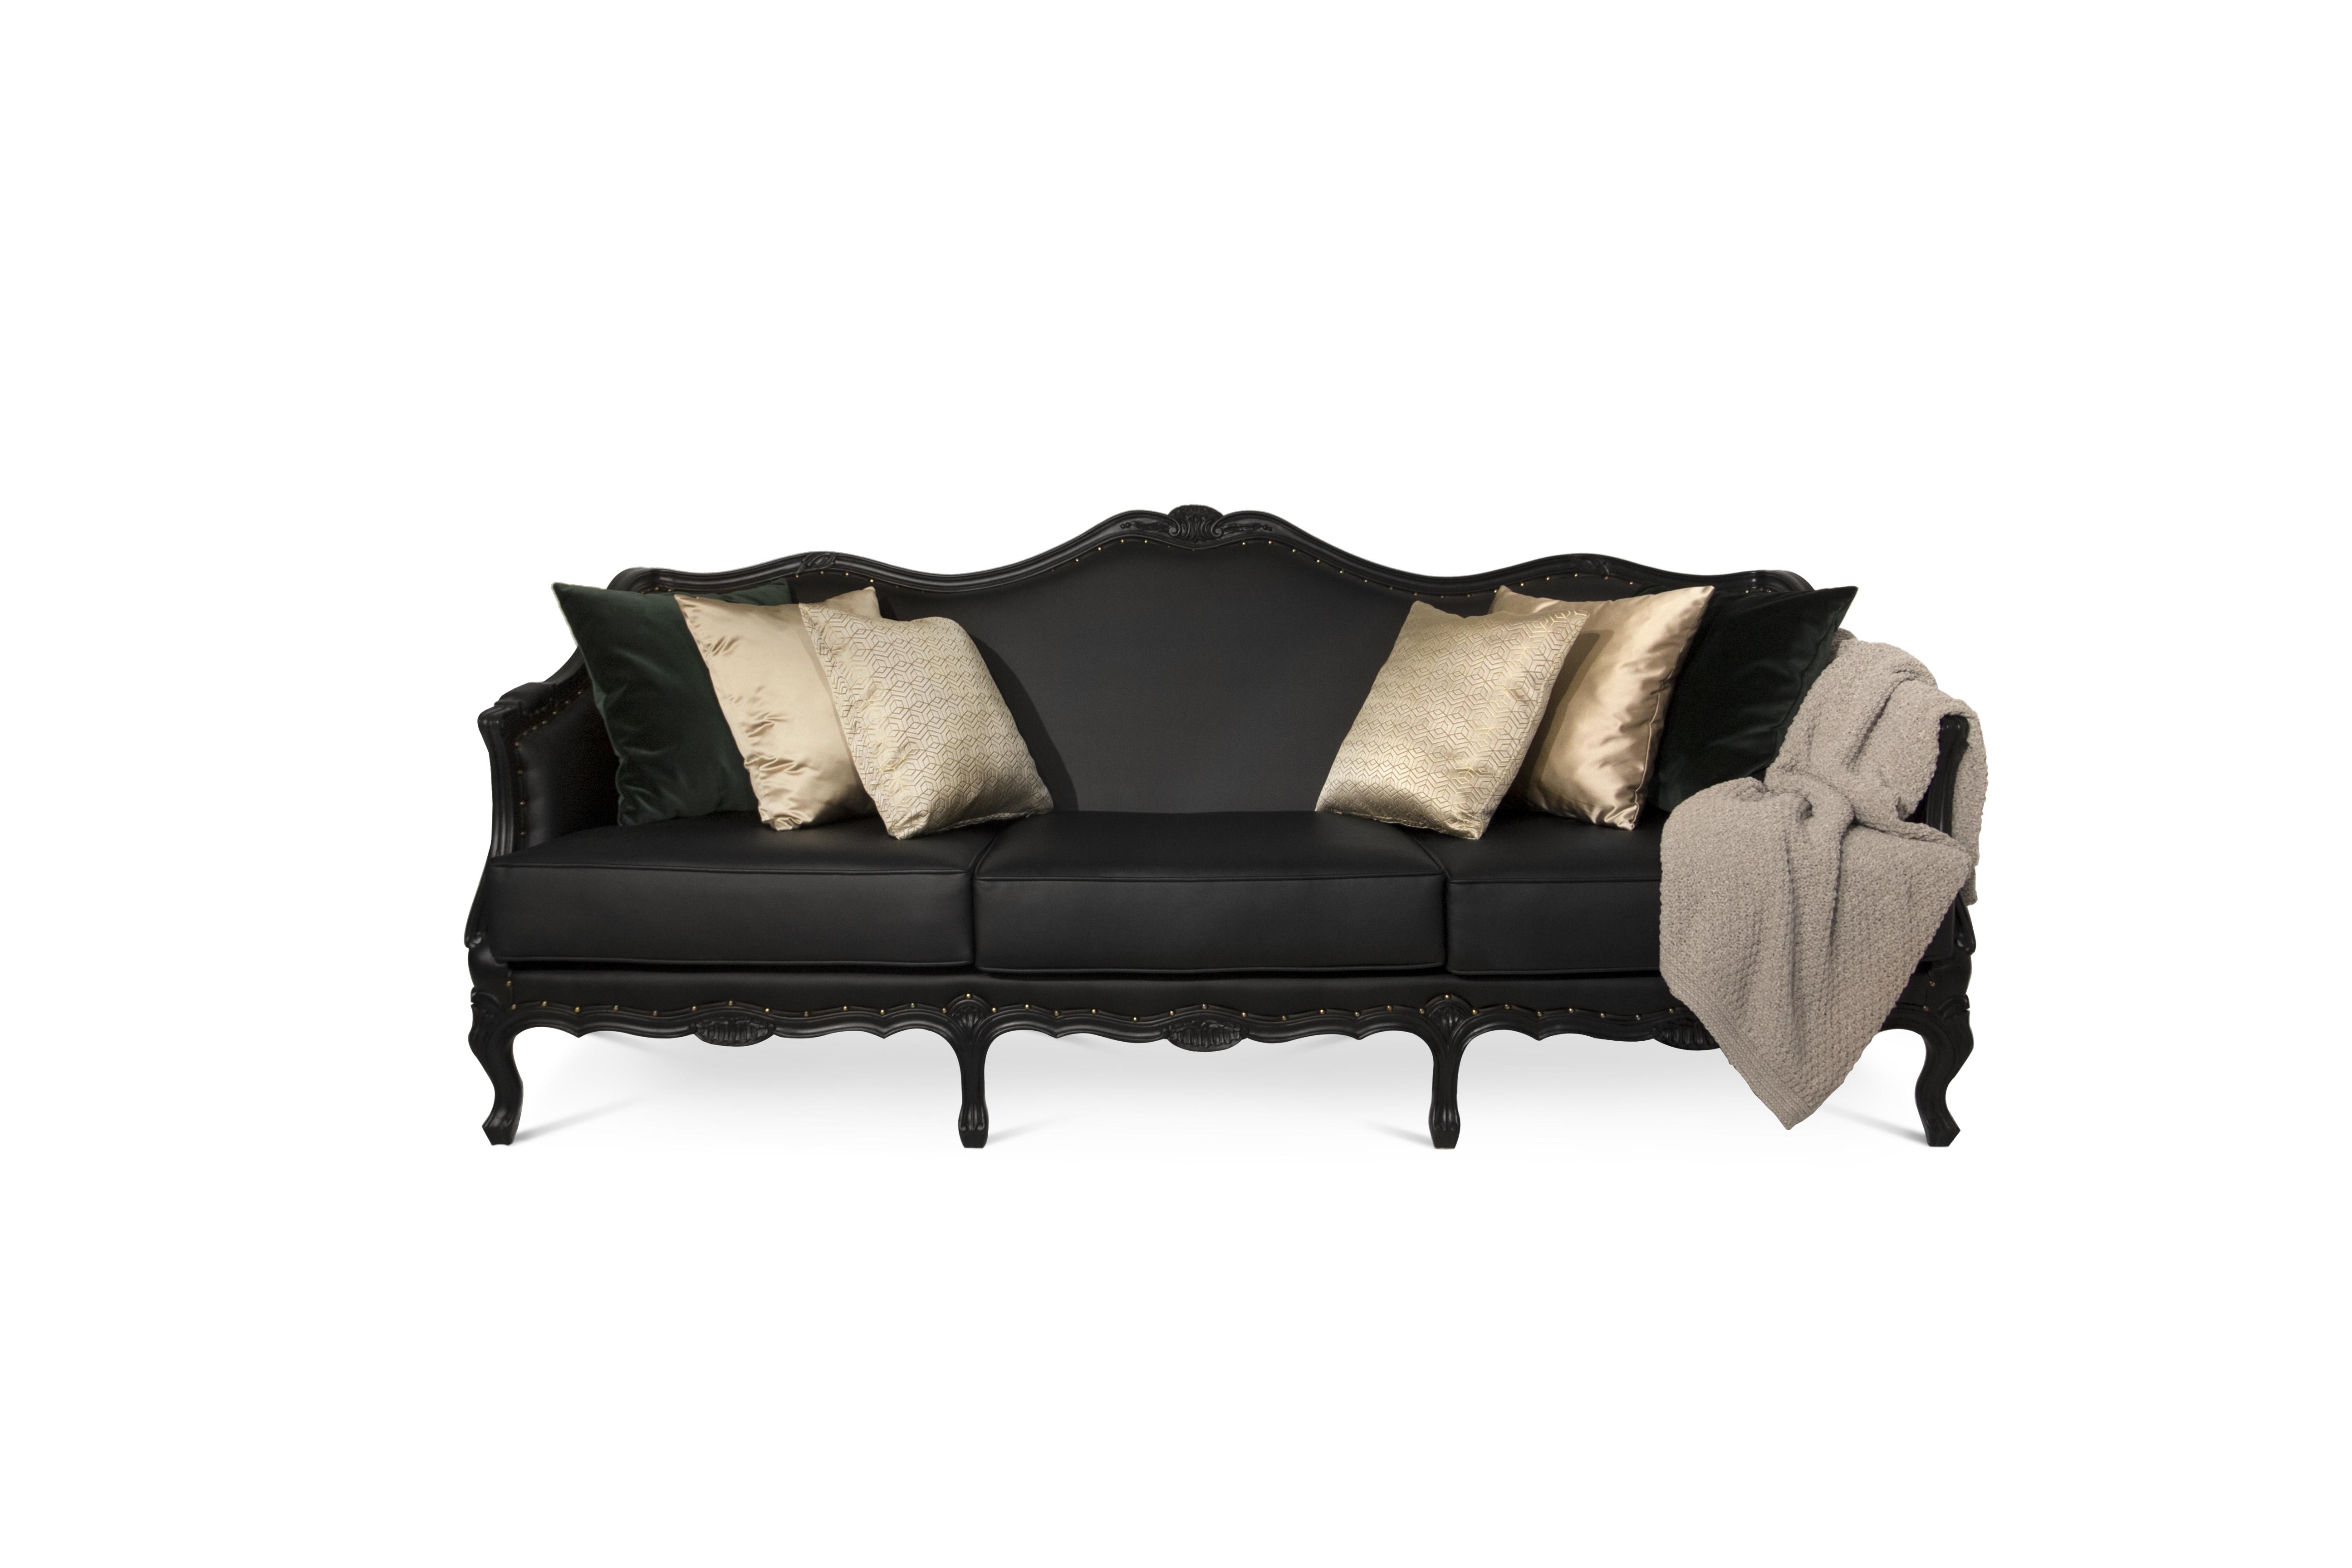 Leather sofa ottawa thesofa for Sectional sofas ottawa